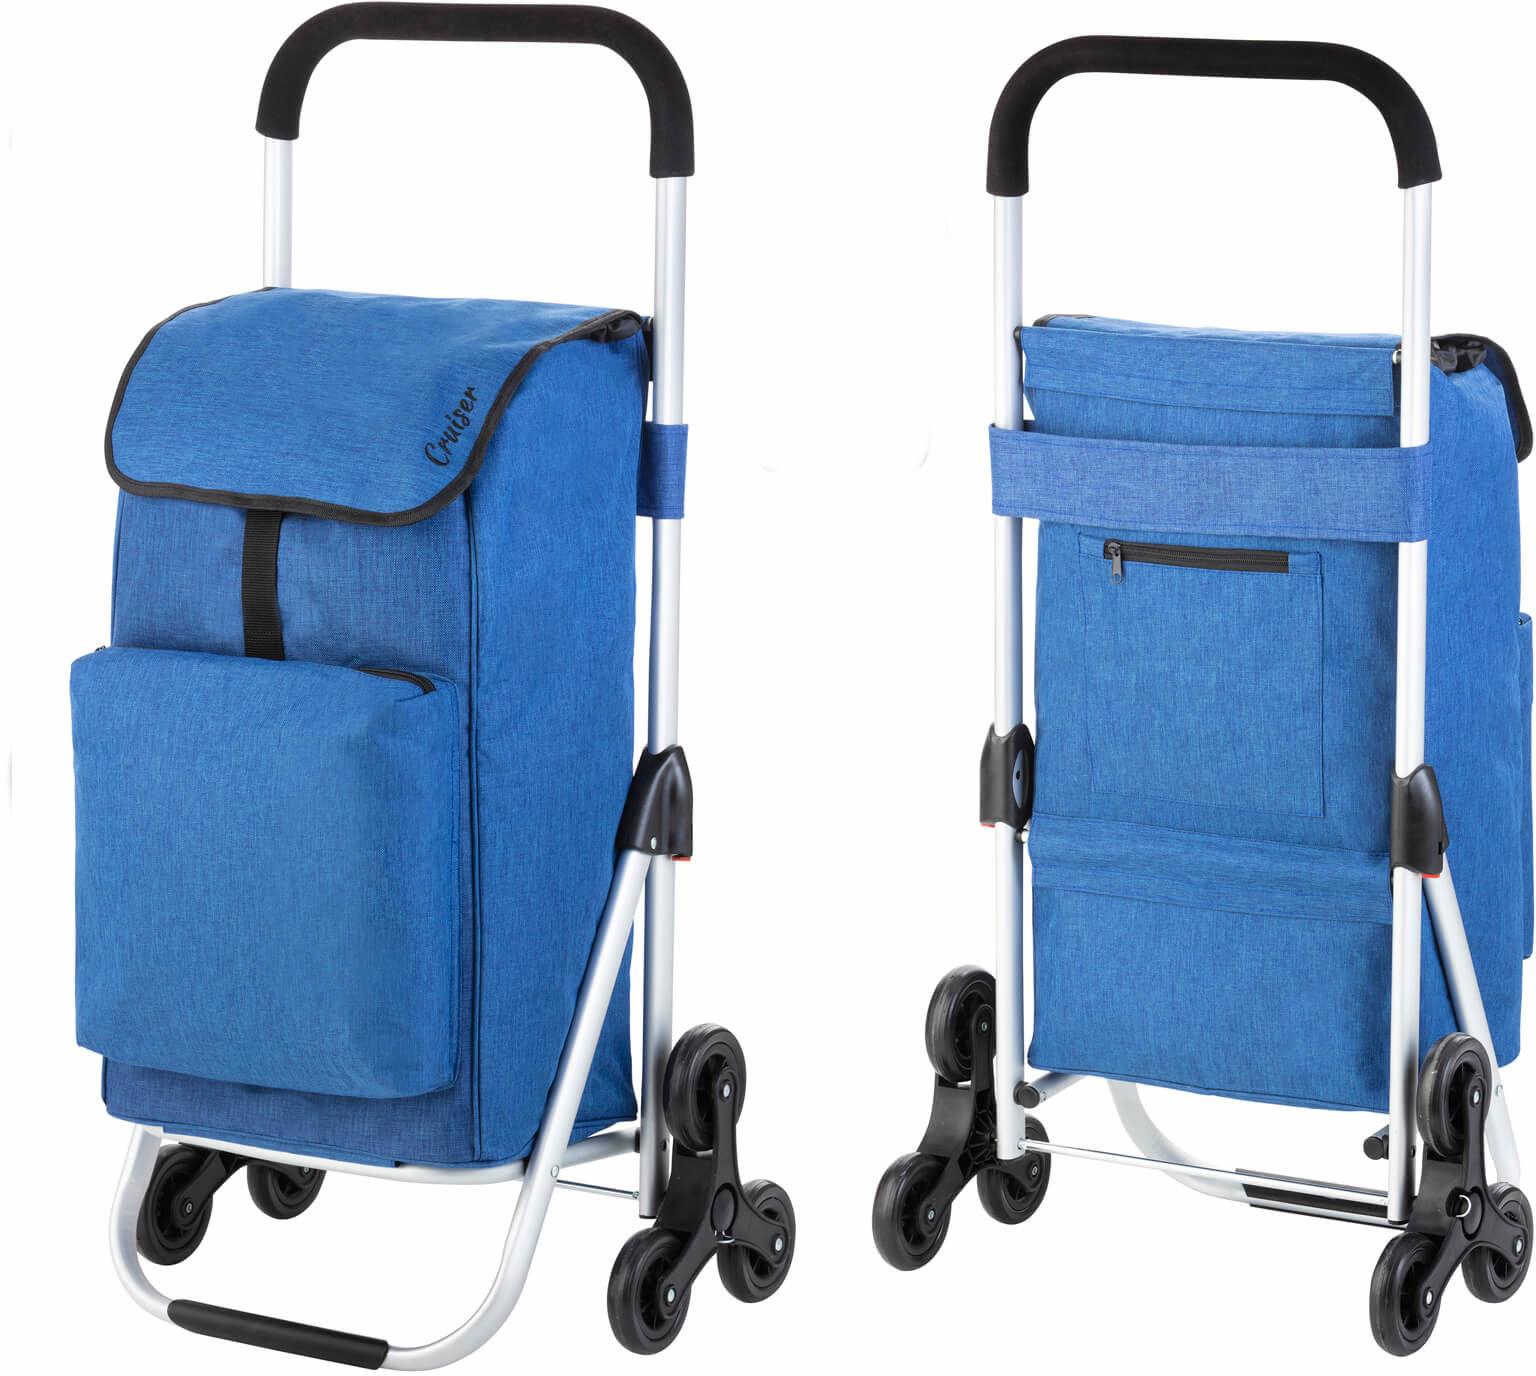 Wózek zakupowy do pokonywania schodów Cruiser Expert /niebieski/